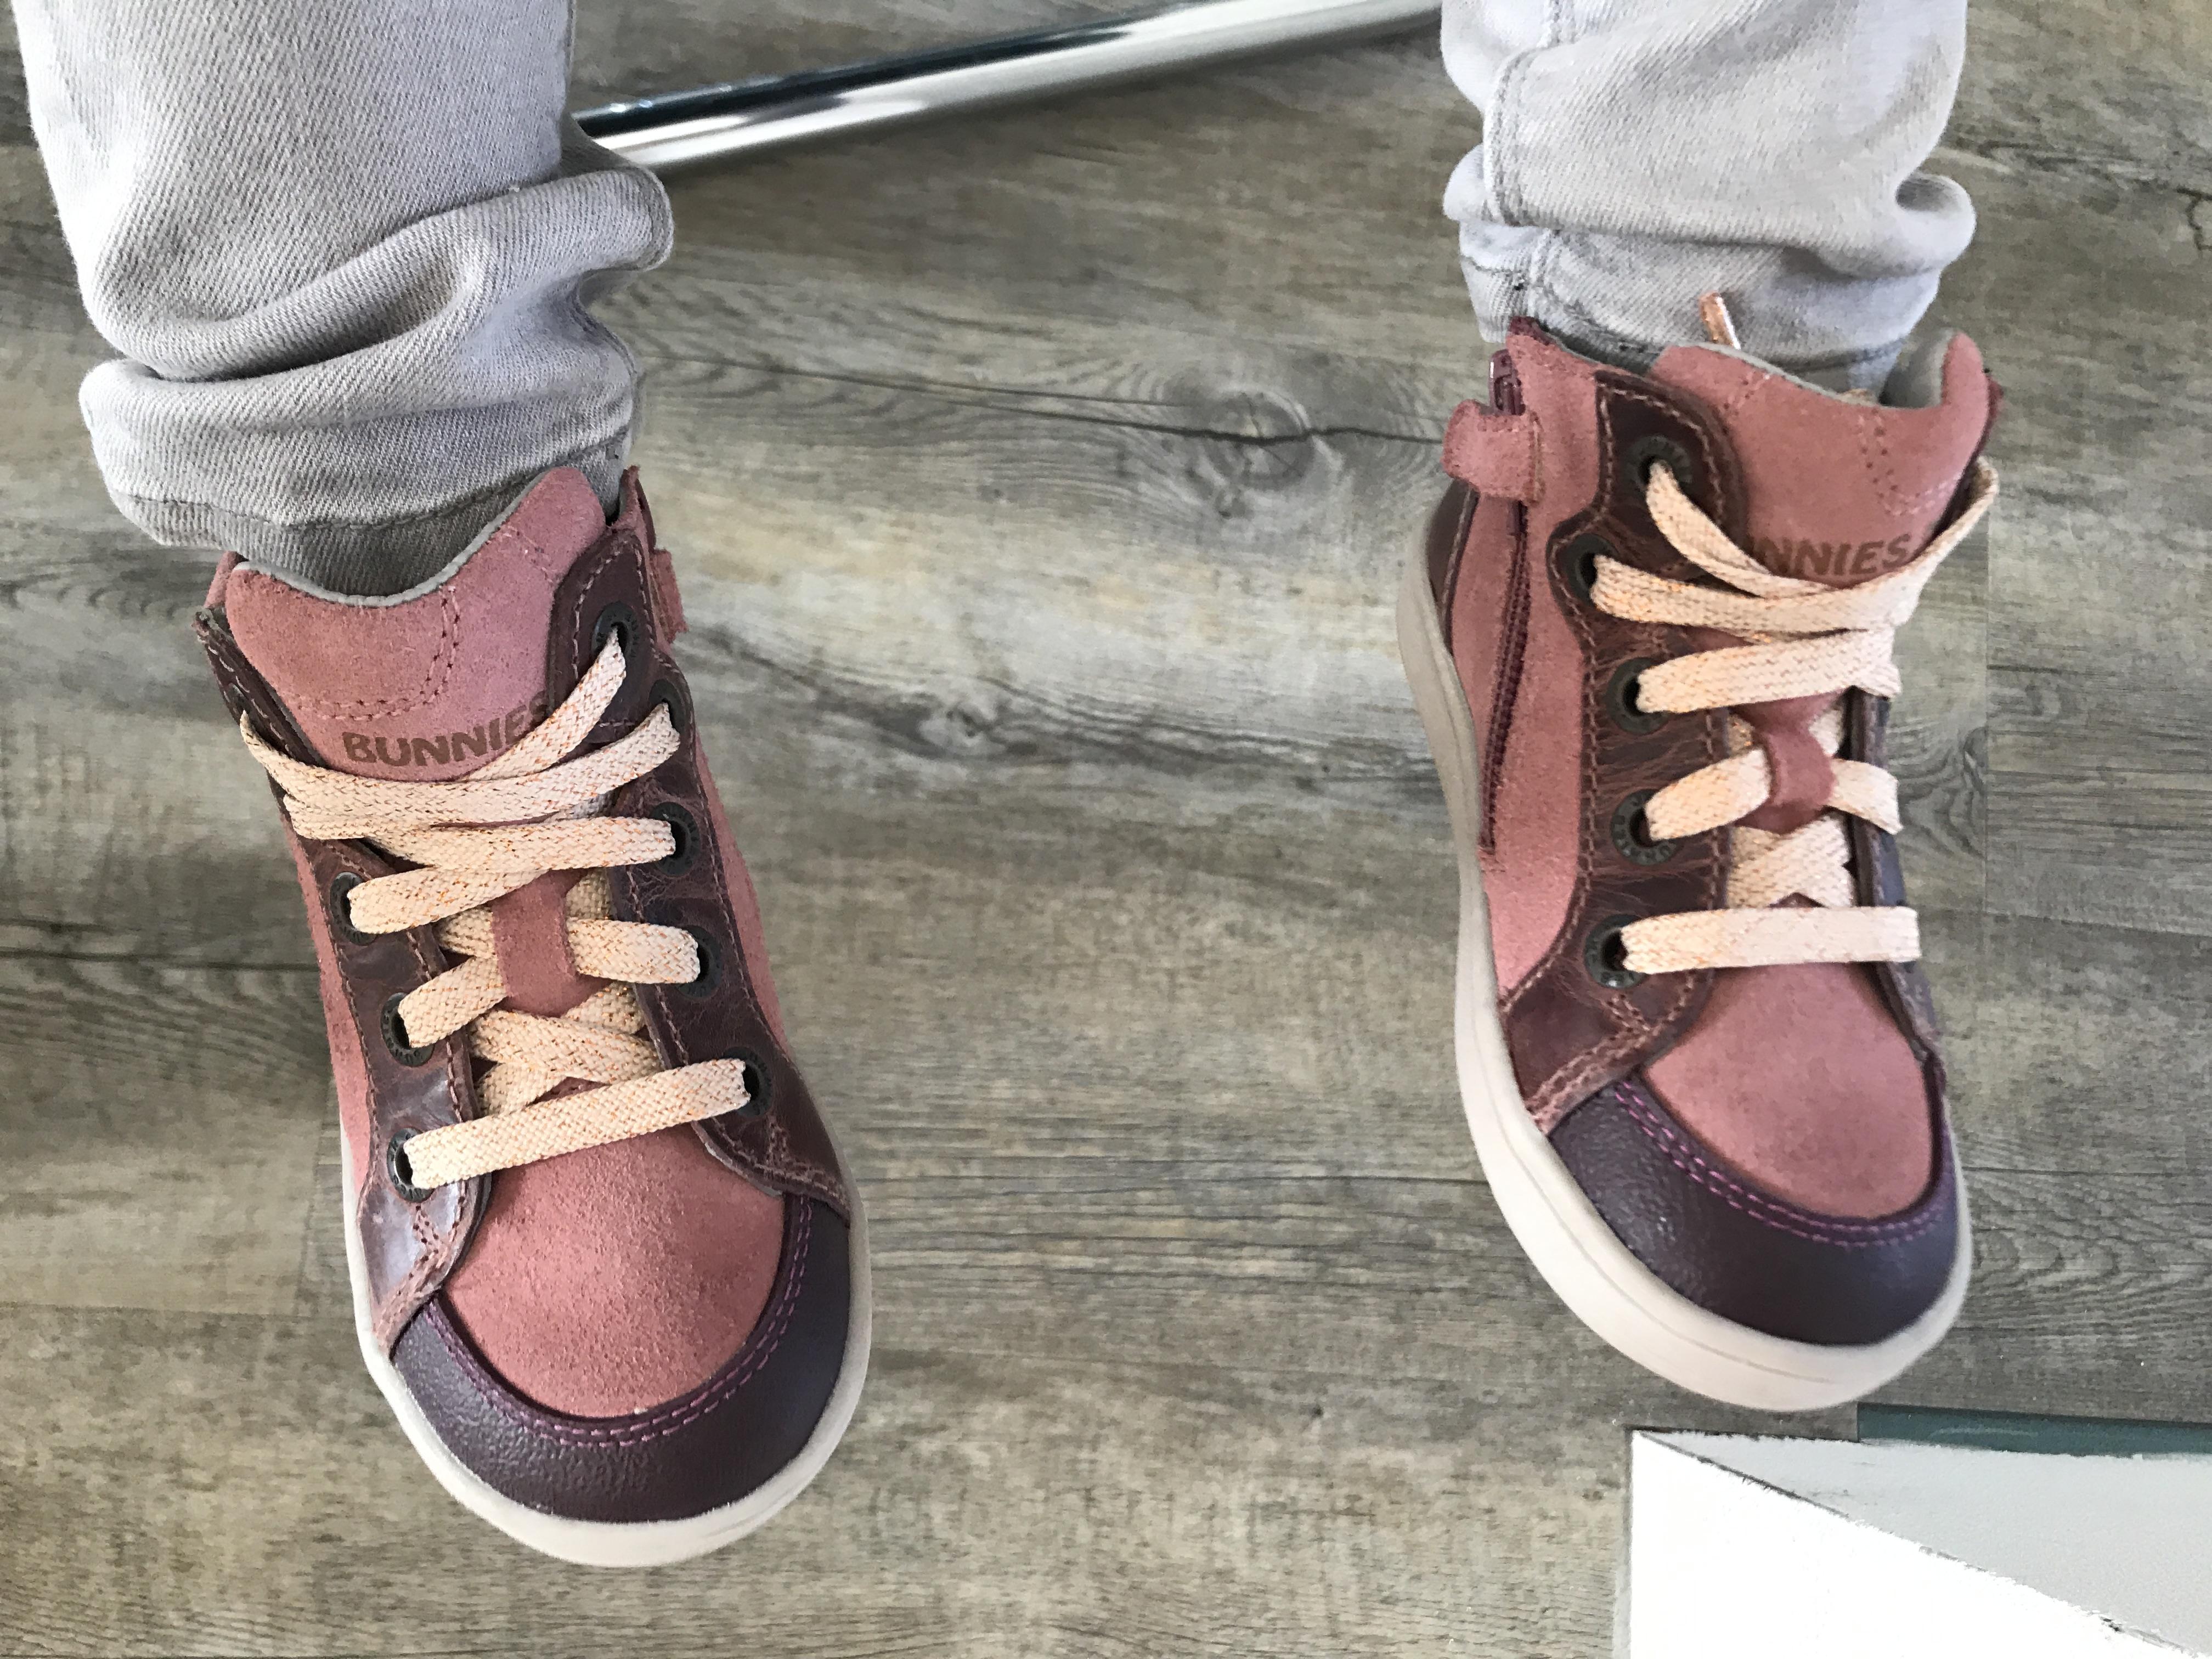 7d851e4bc04 De schoenen hebben veters, maar deze kan je gelukkig gestrikt raken, want  deze heeft ook een rits. Om de schoenen aan of uit te doen hoef je dus  alleen maar ...